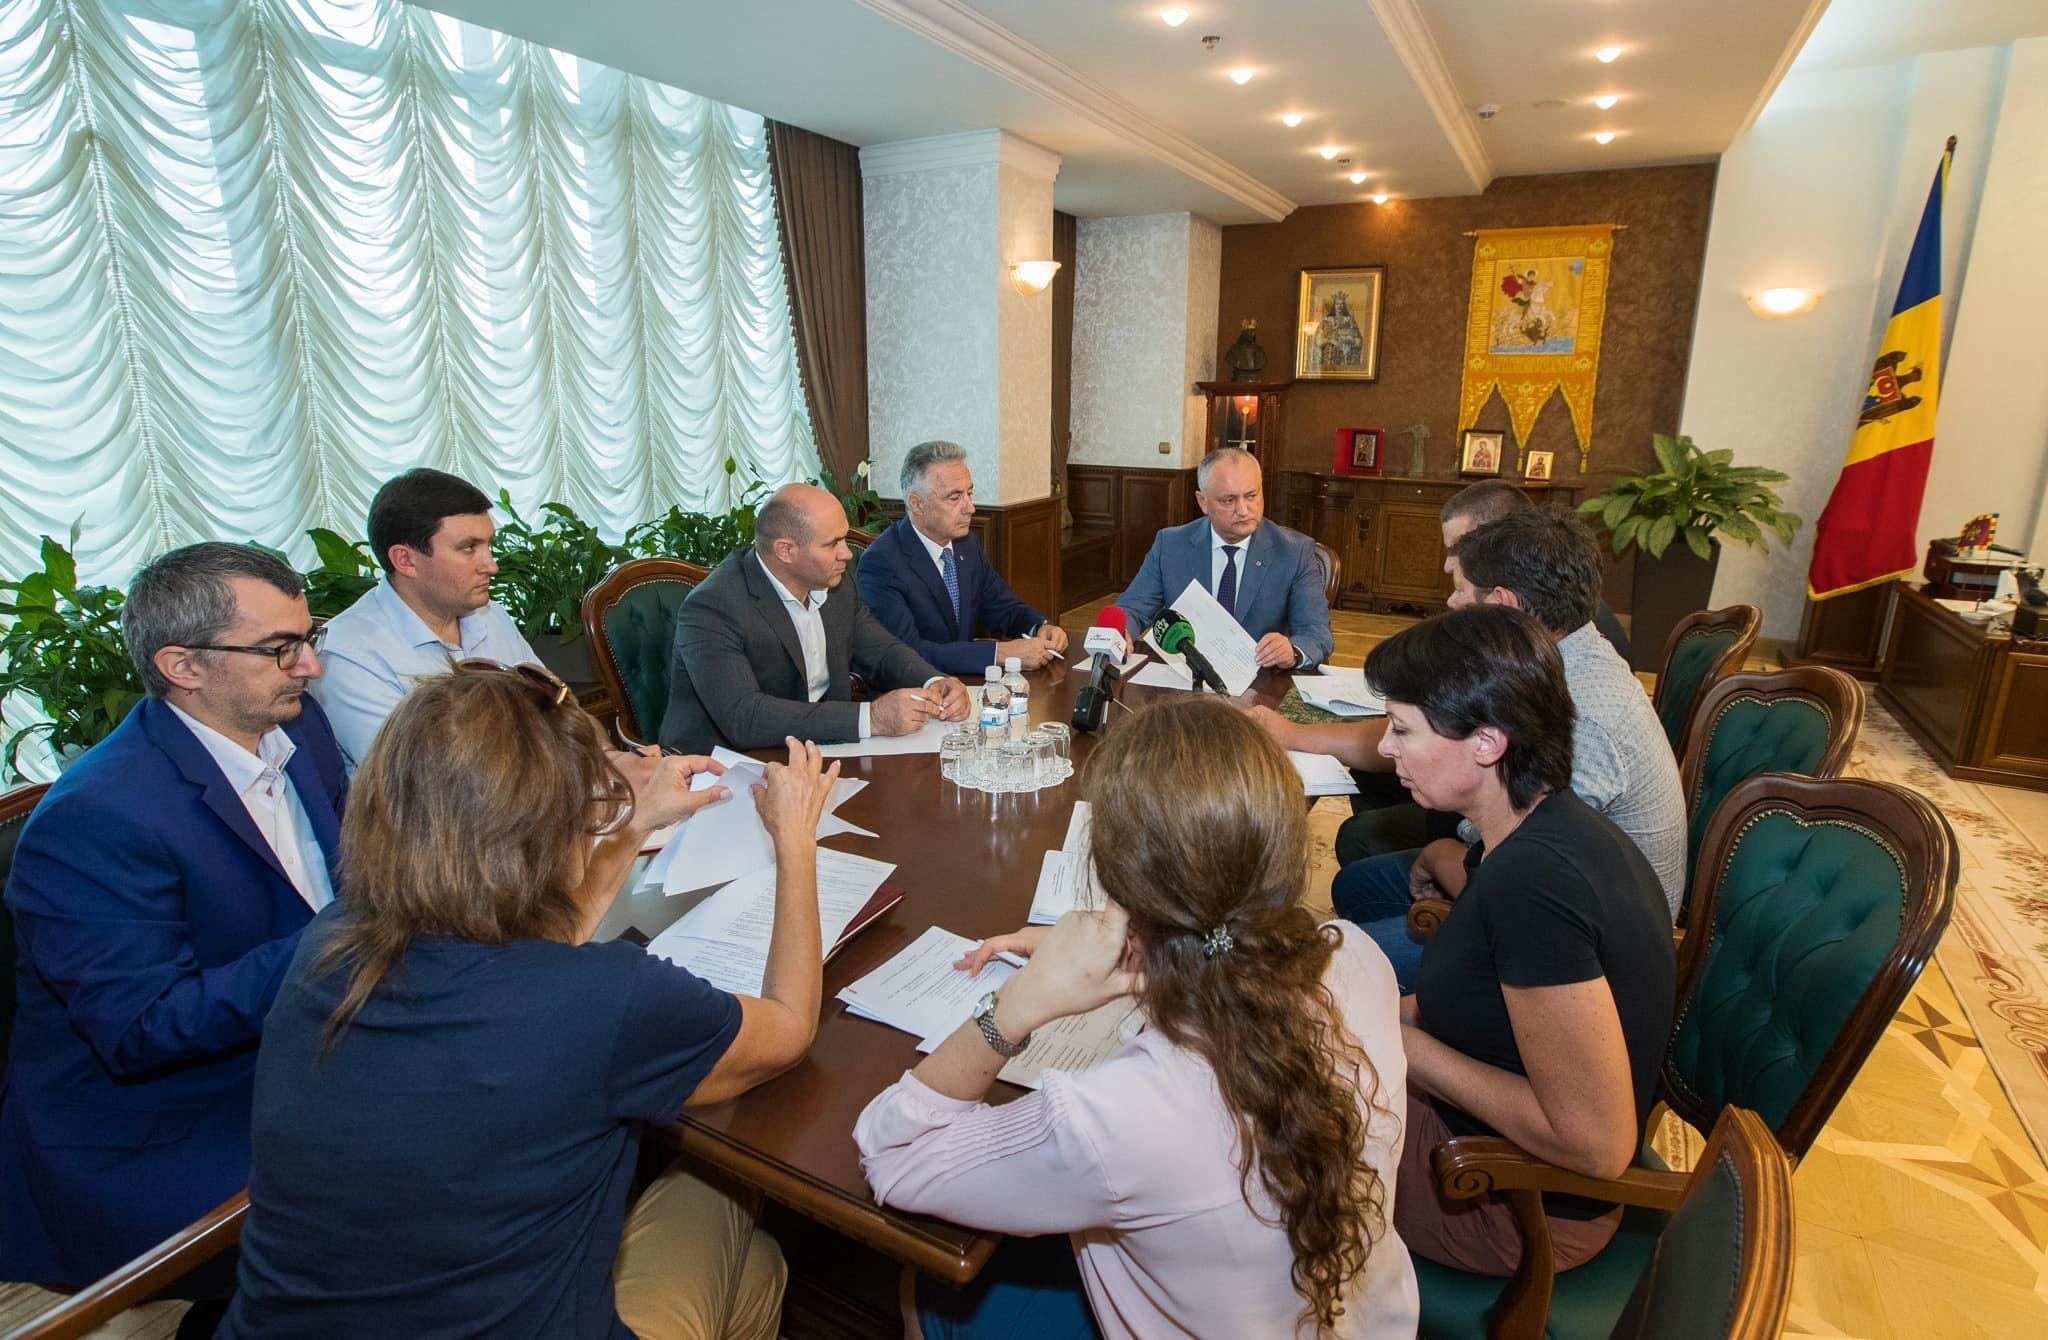 Премьера фильма, большой концерт и салют: президент обнародовал программу мероприятий в день 75-летия освобождения Кишинева (ФОТО, ВИДЕО)